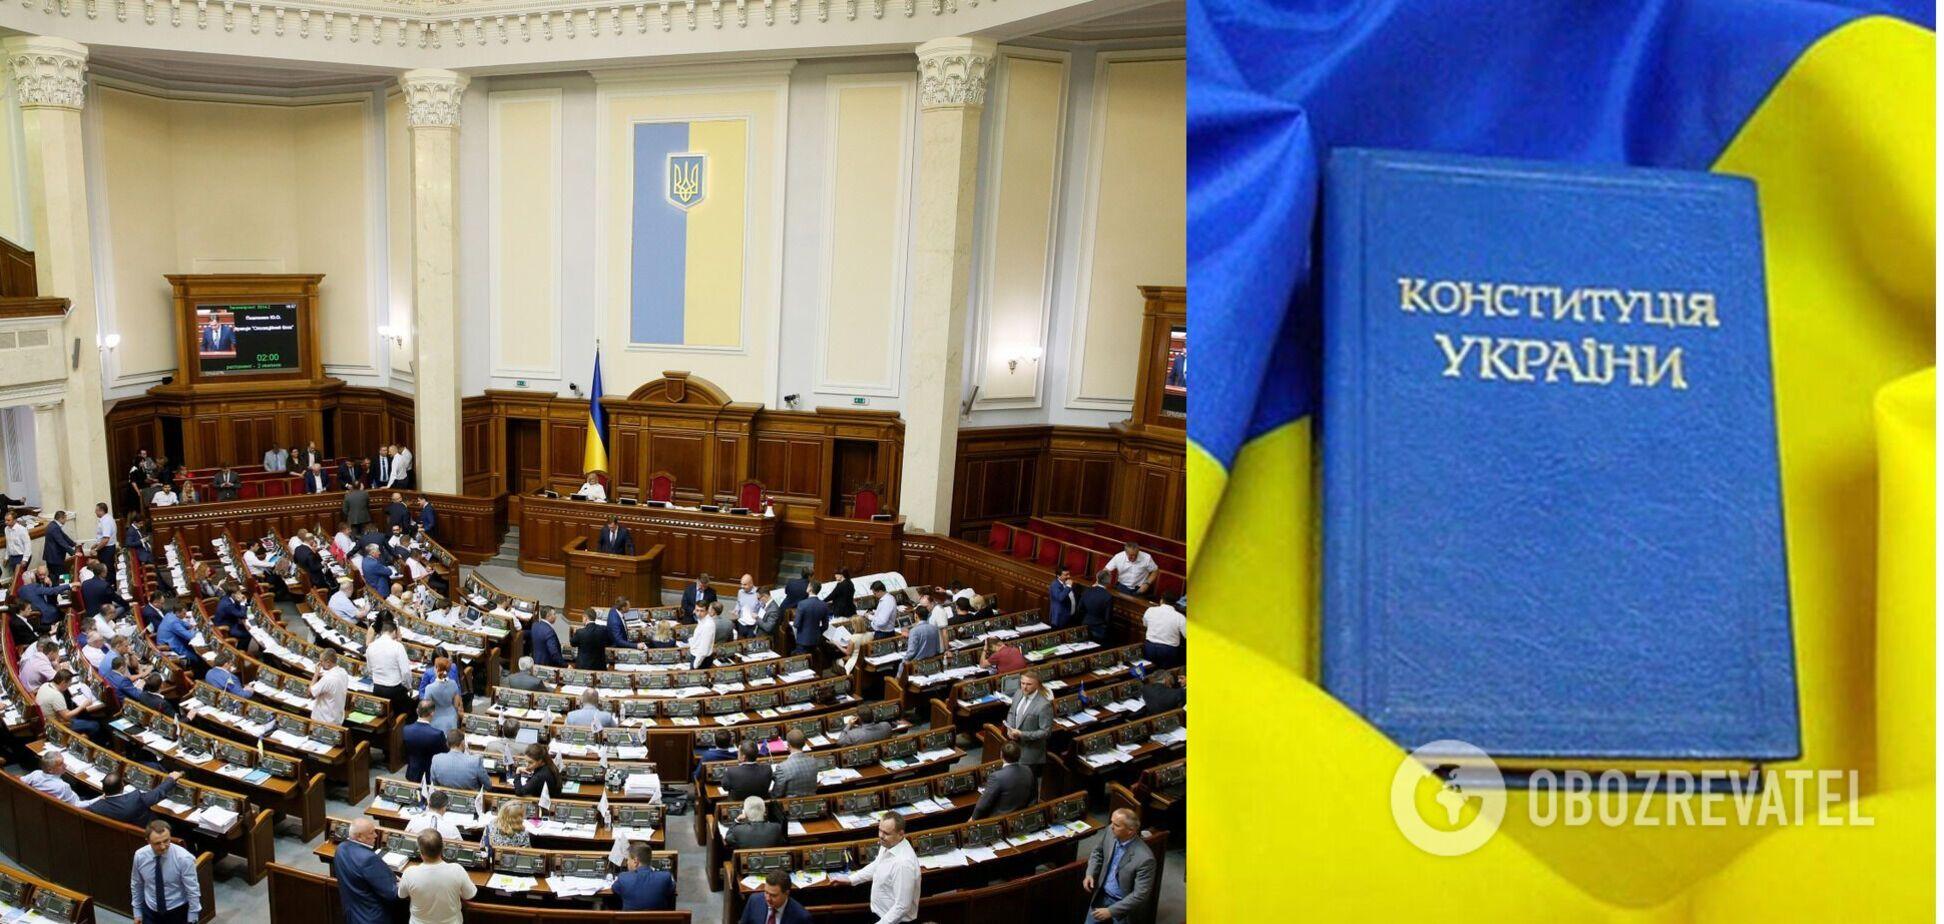 У Кабміні повідомили, коли мають намір змінити Конституцію України